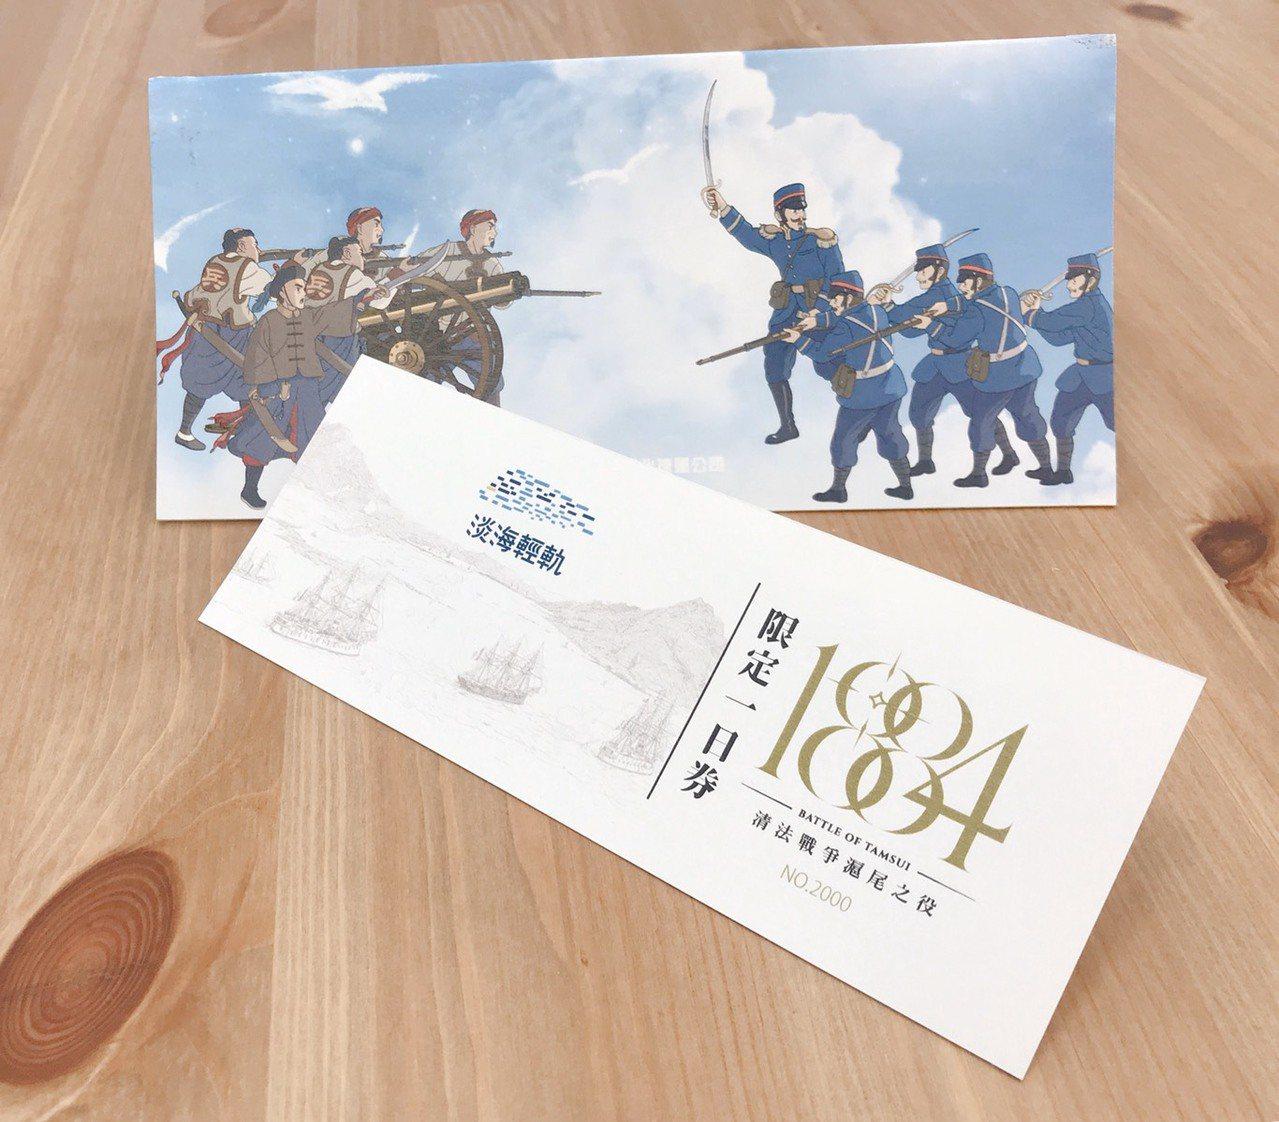 淡海輕軌同時也推出限量1884套的紀念版一日票,每張車票擁有獨立票號、燙金設計等...